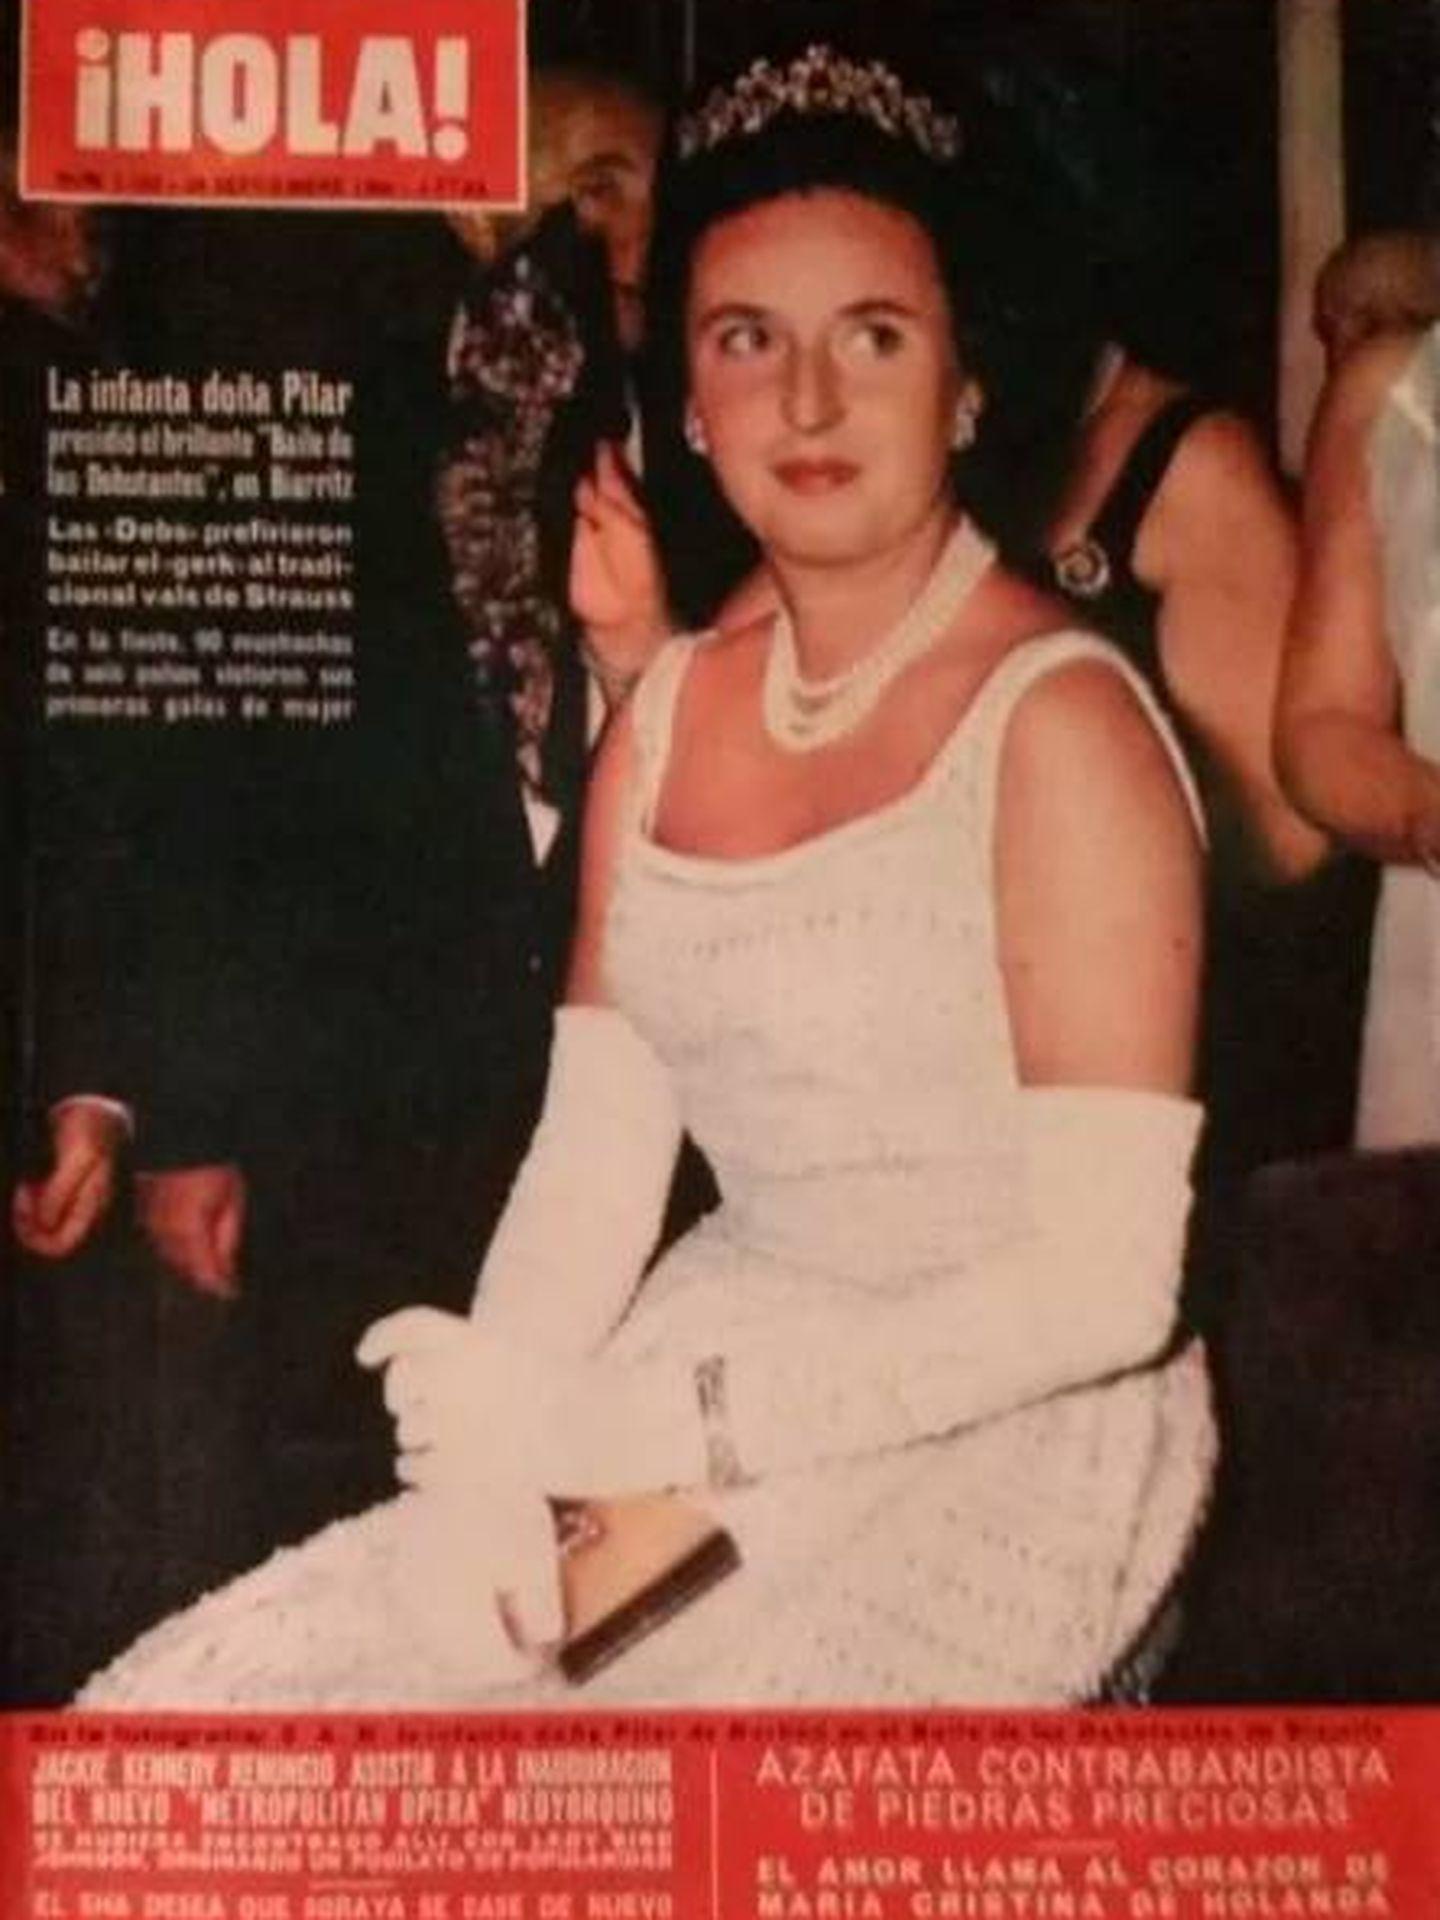 La infanta, con la tiara en la portada de '¡Hola!'.